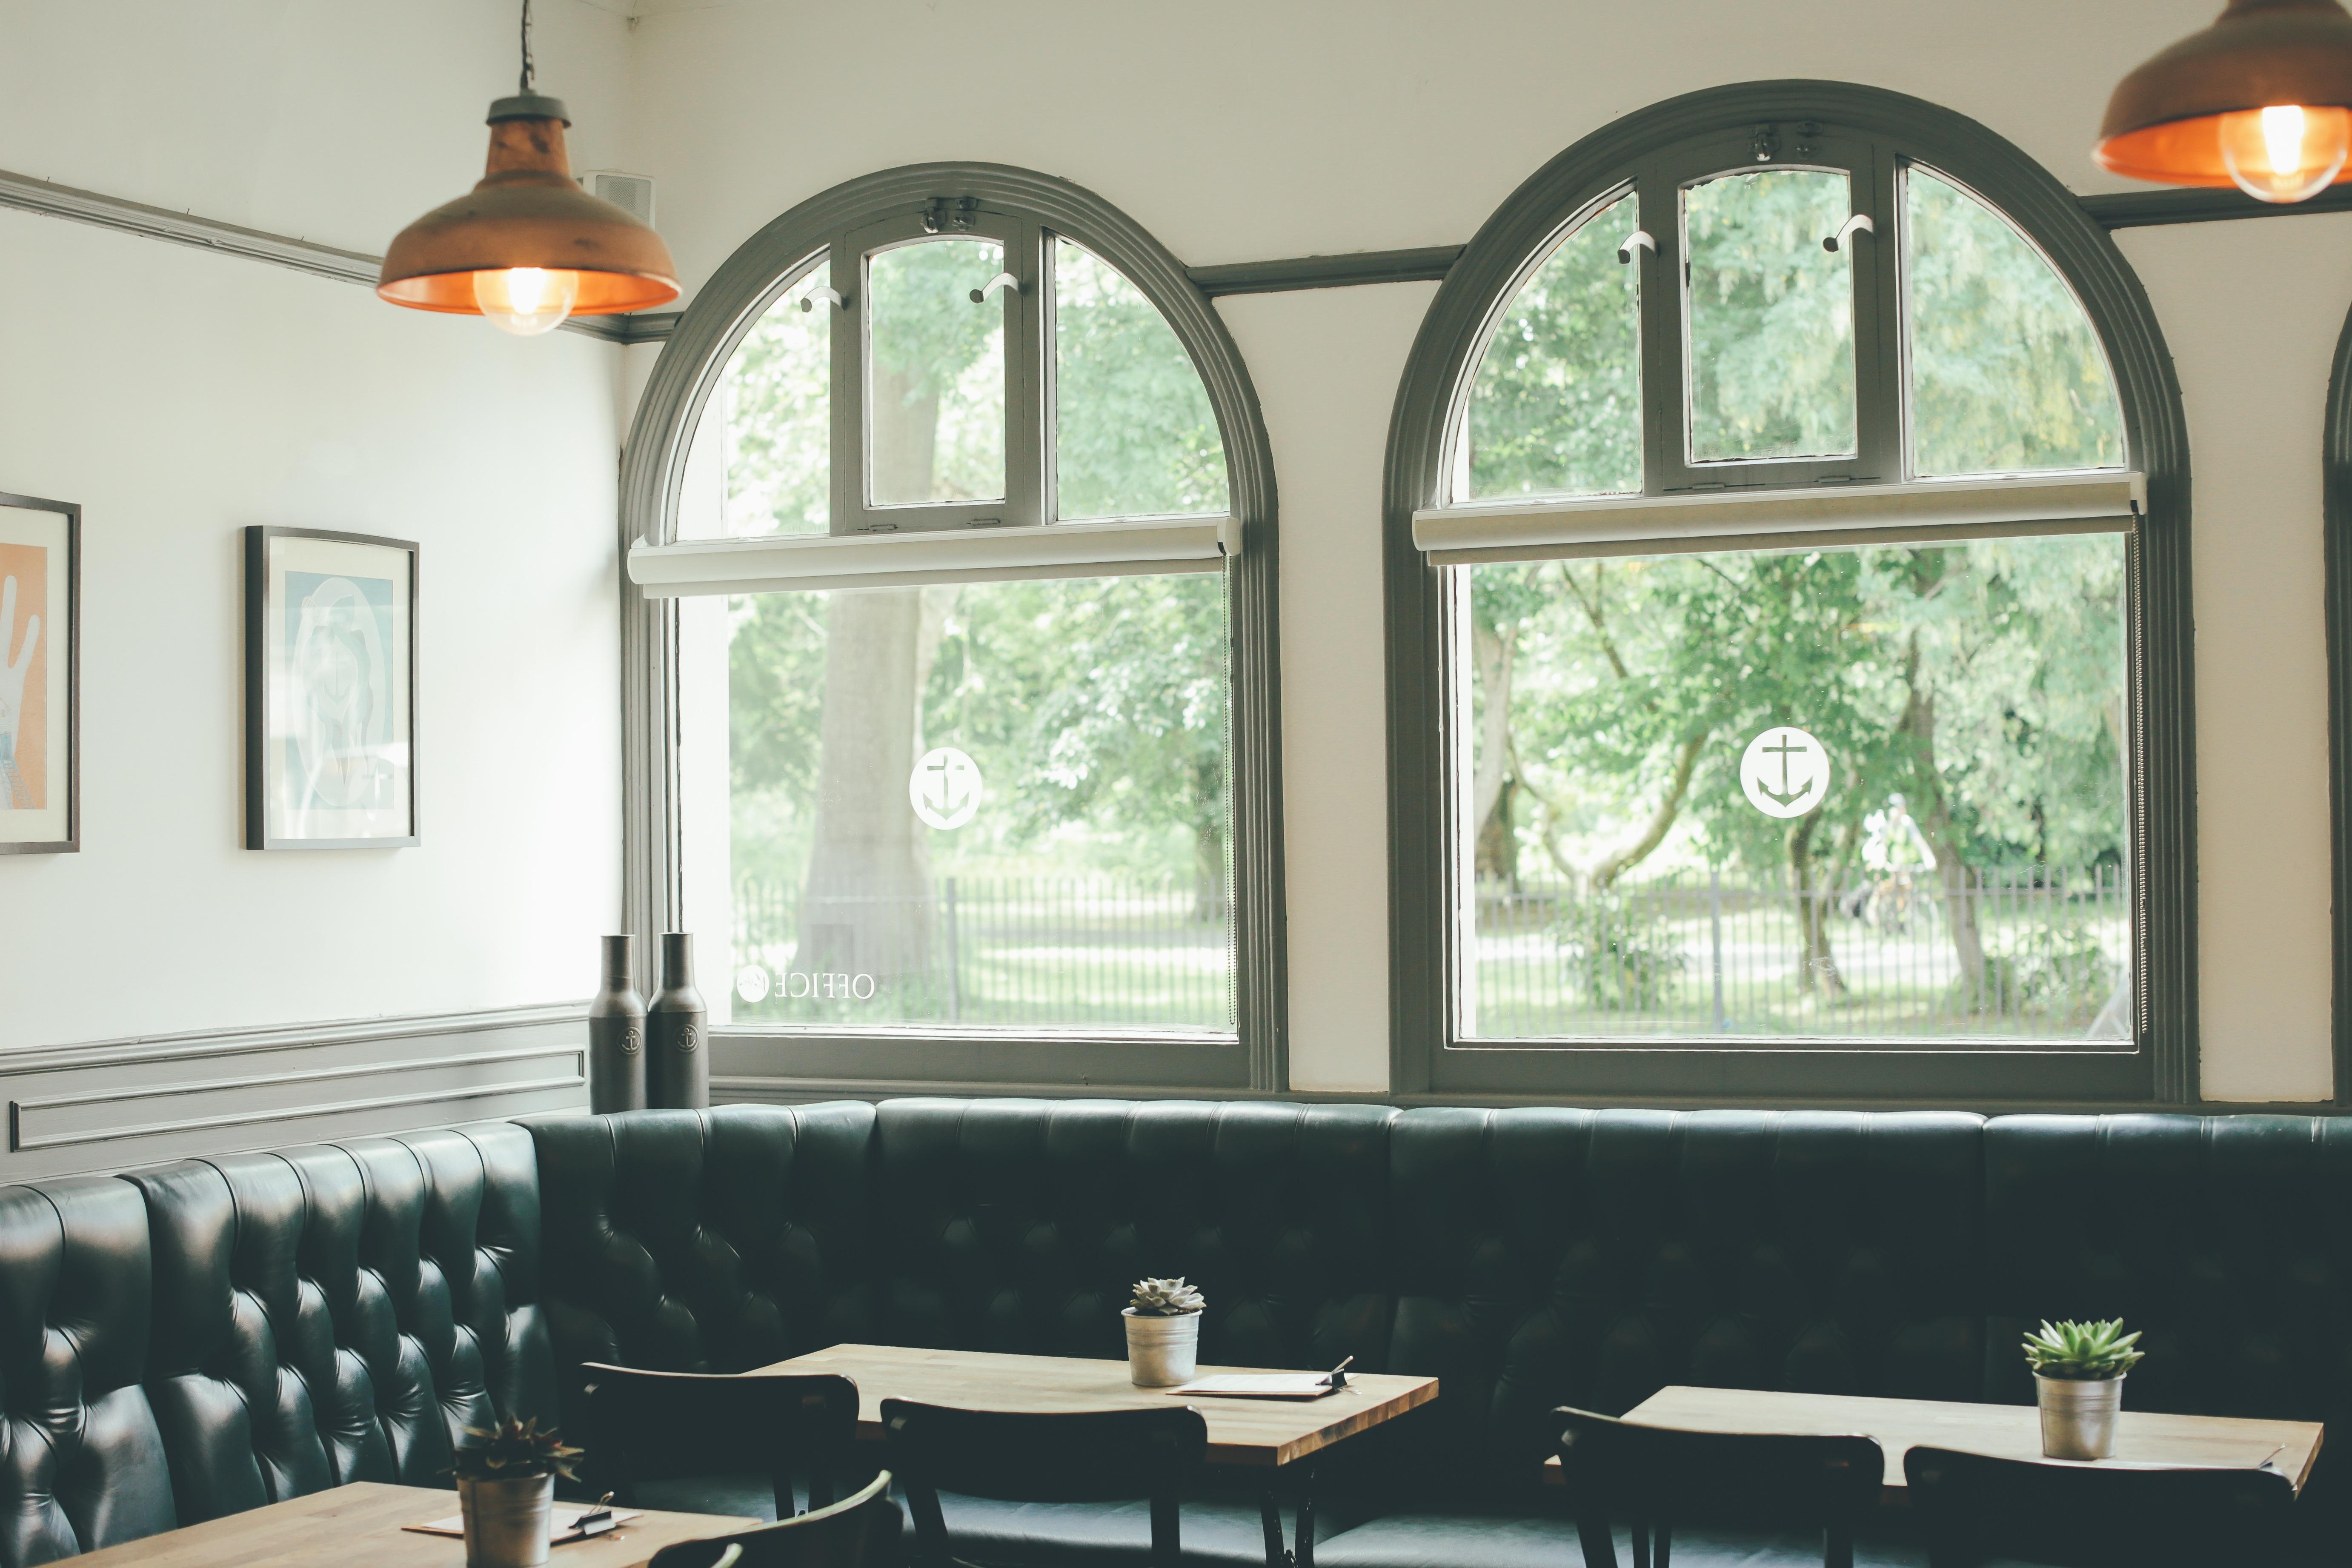 Gratis Afbeeldingen : tafel, cafe, licht, venster, huis-, huisje ...